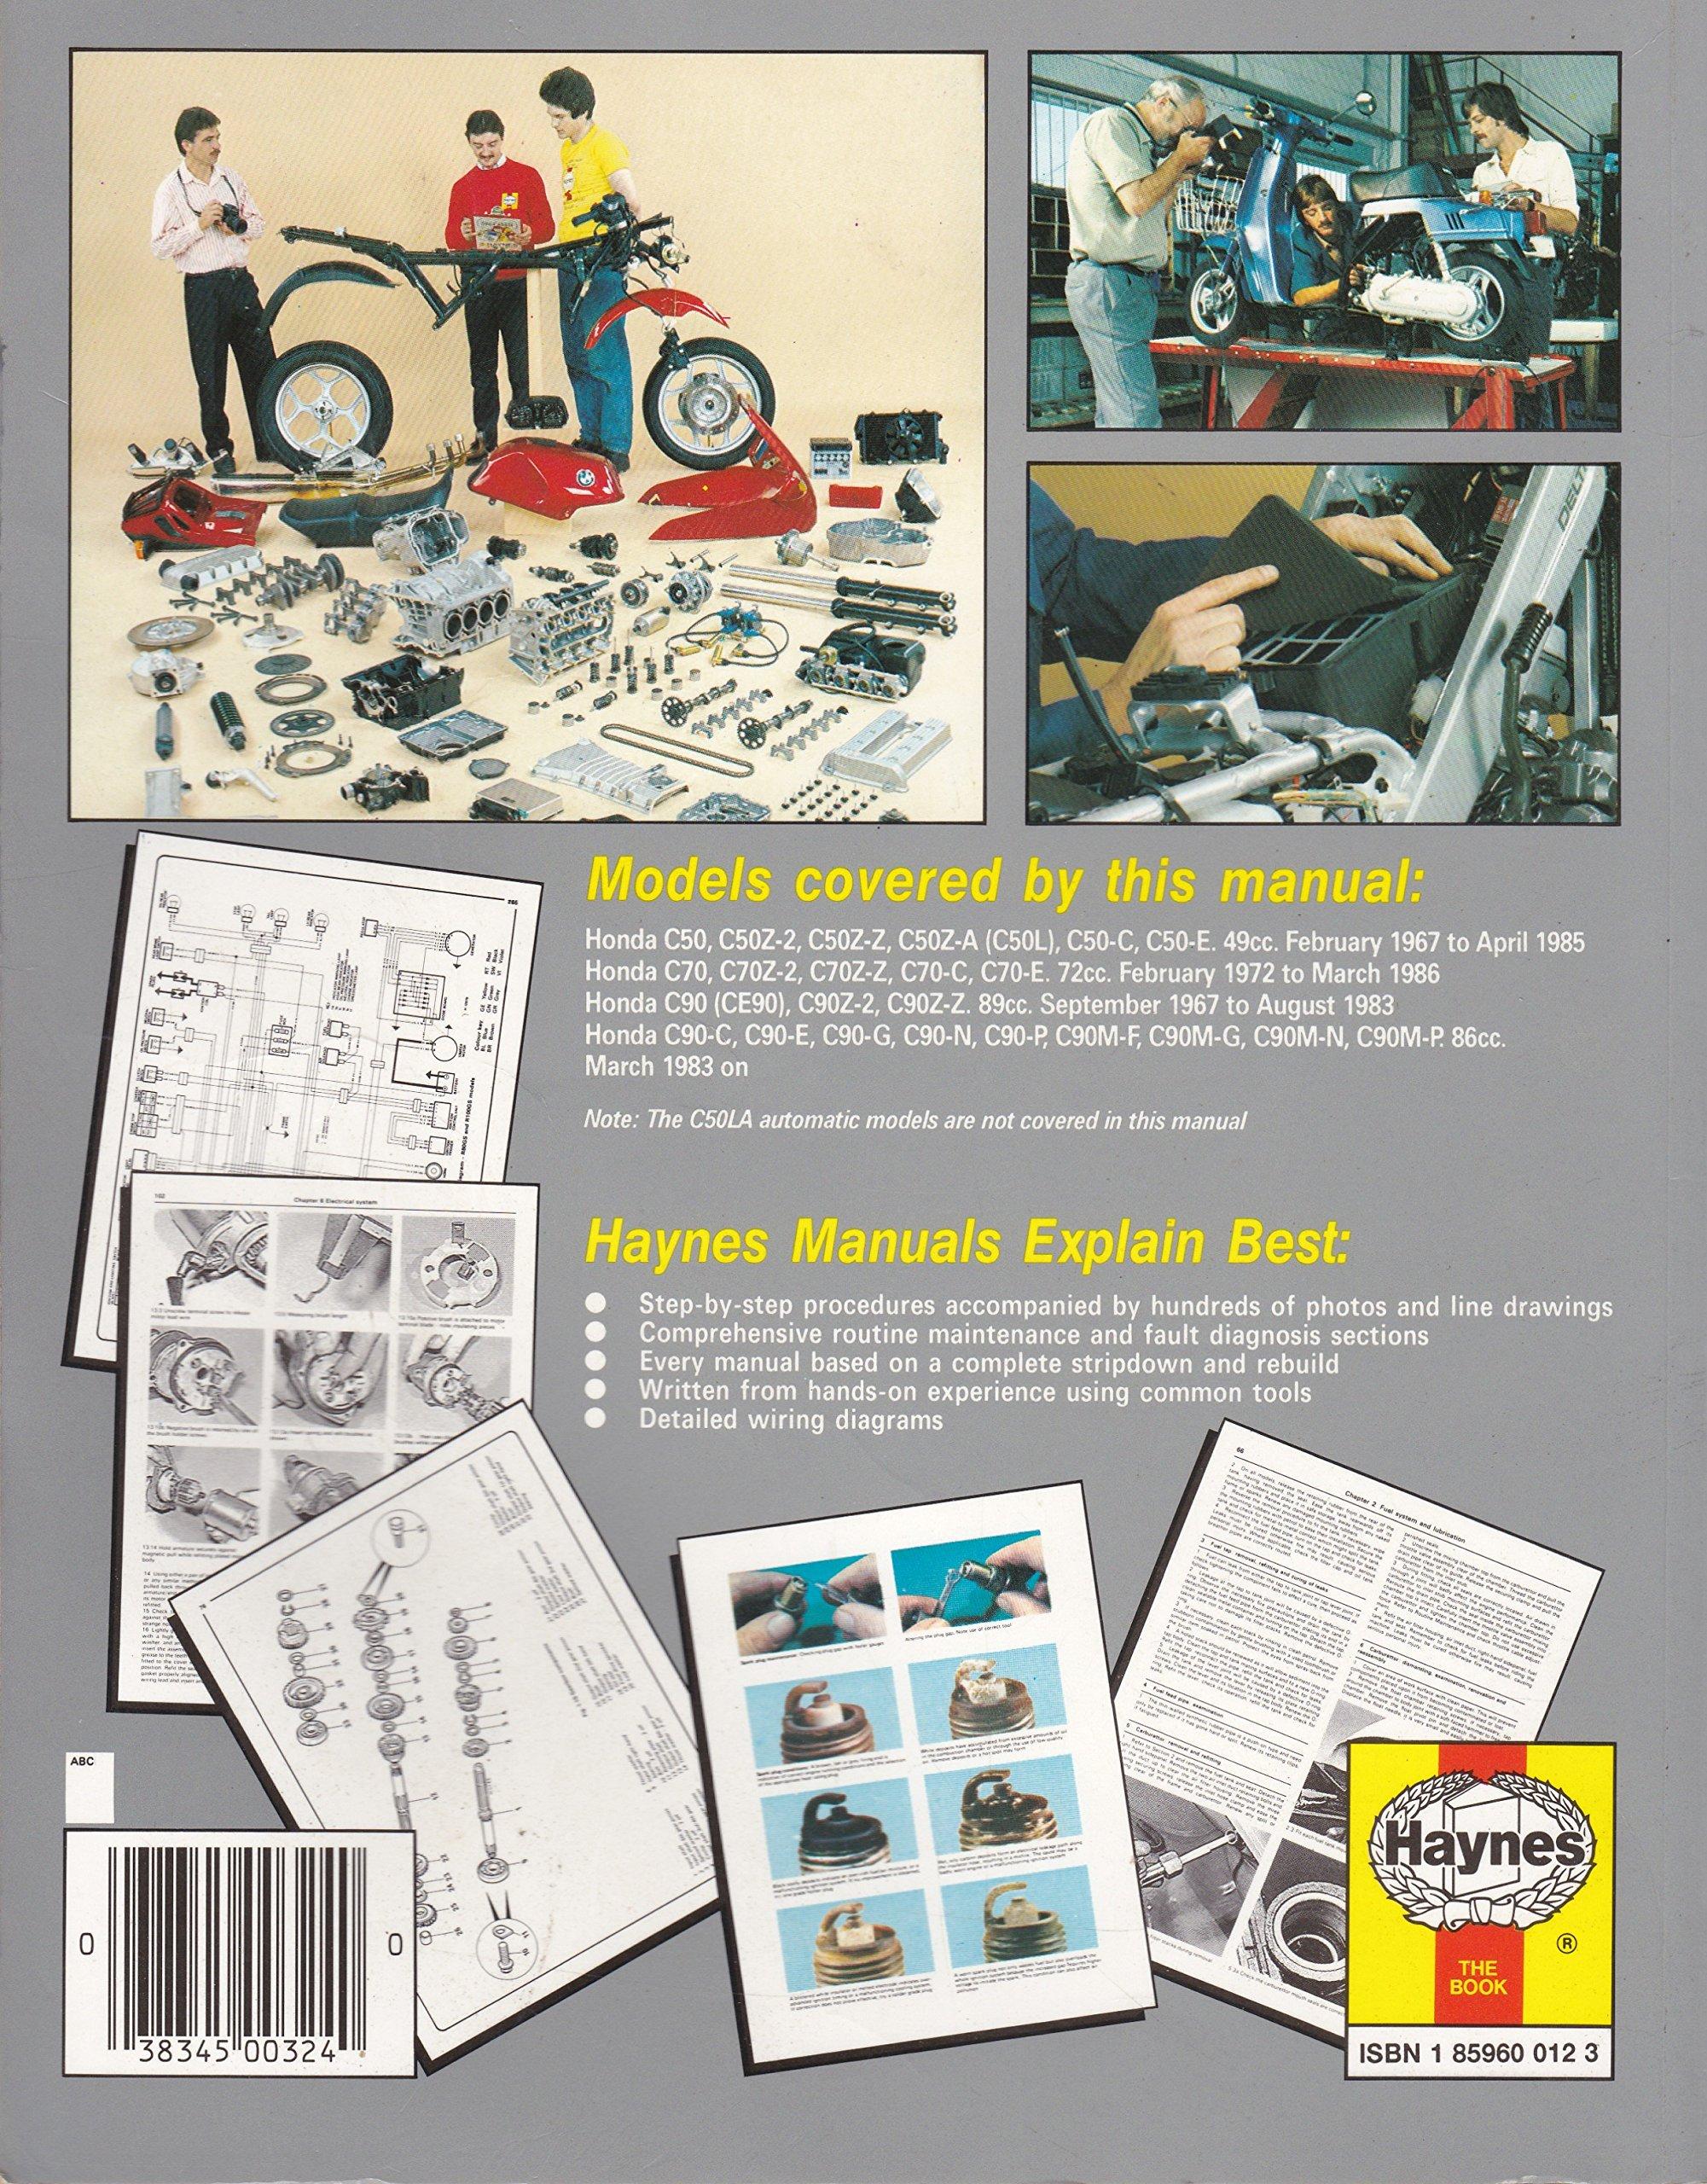 Honda C50 C70 And C90 Owners Workshop Manual Haynes C70e Wiring Diagram Manuals Mervyn Bleach Jeremy Churchill Mansur Darlington Fremdsprachige